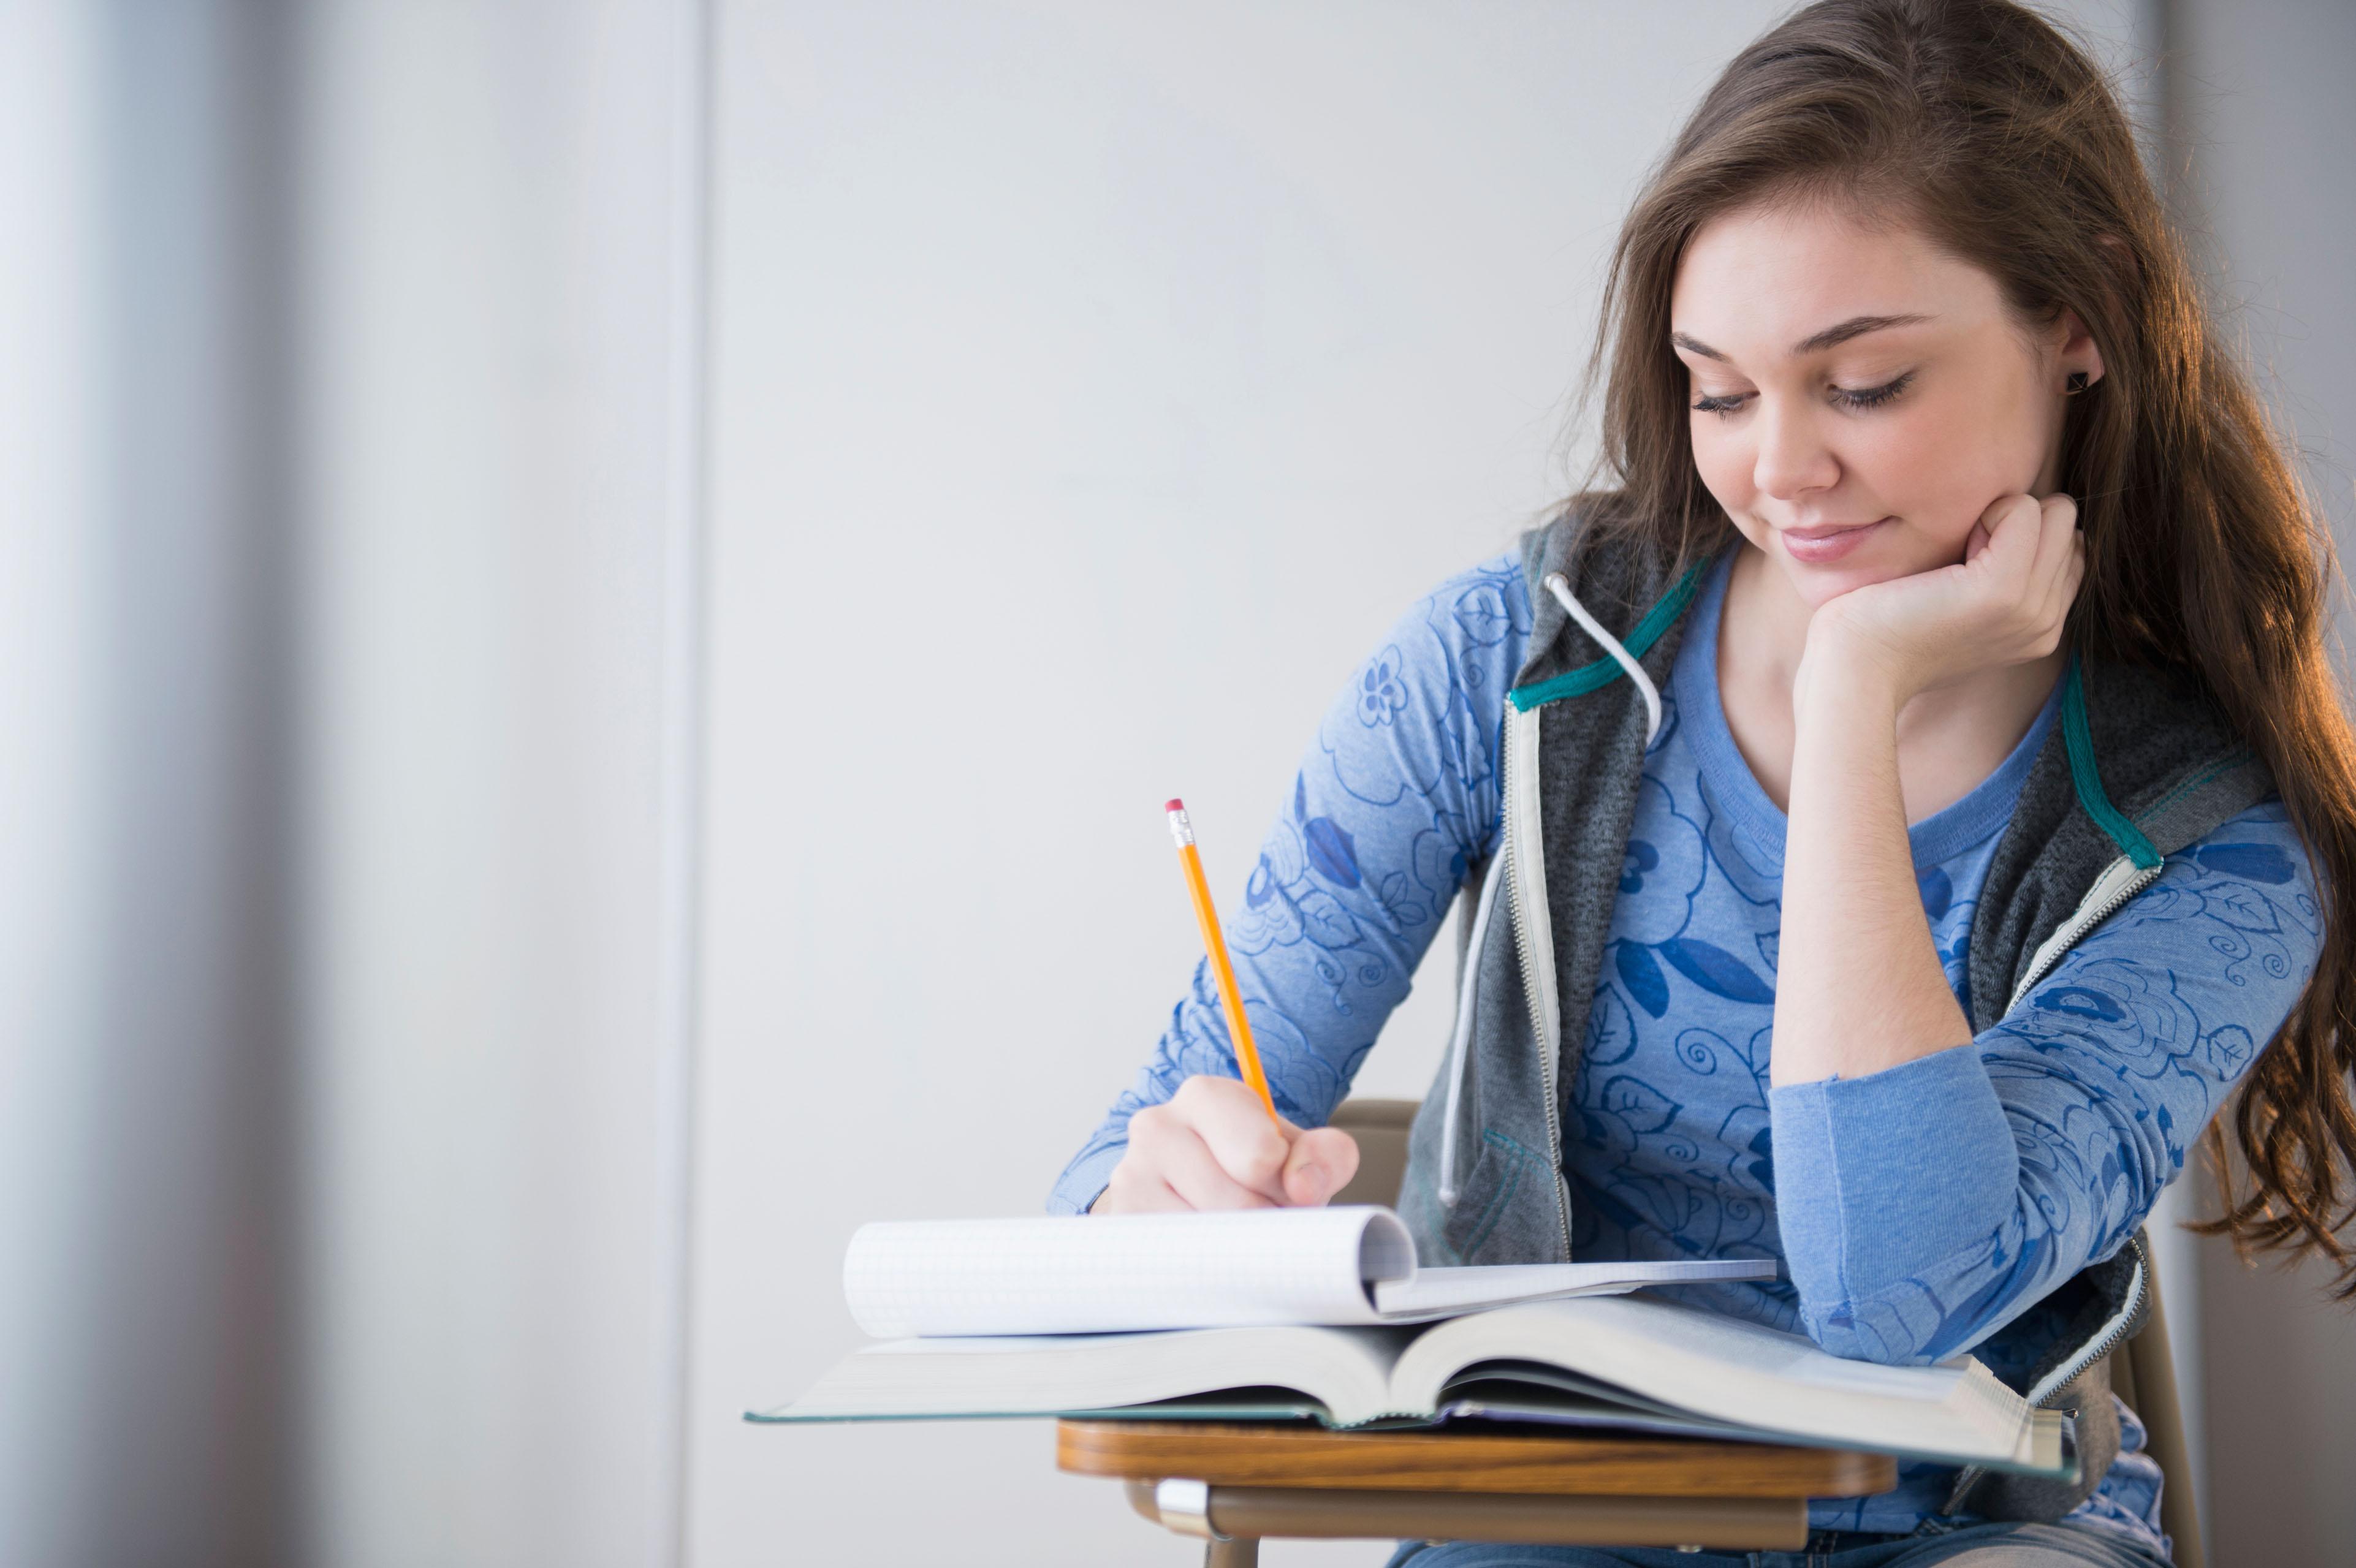 روش های مطالعه برای کنکور